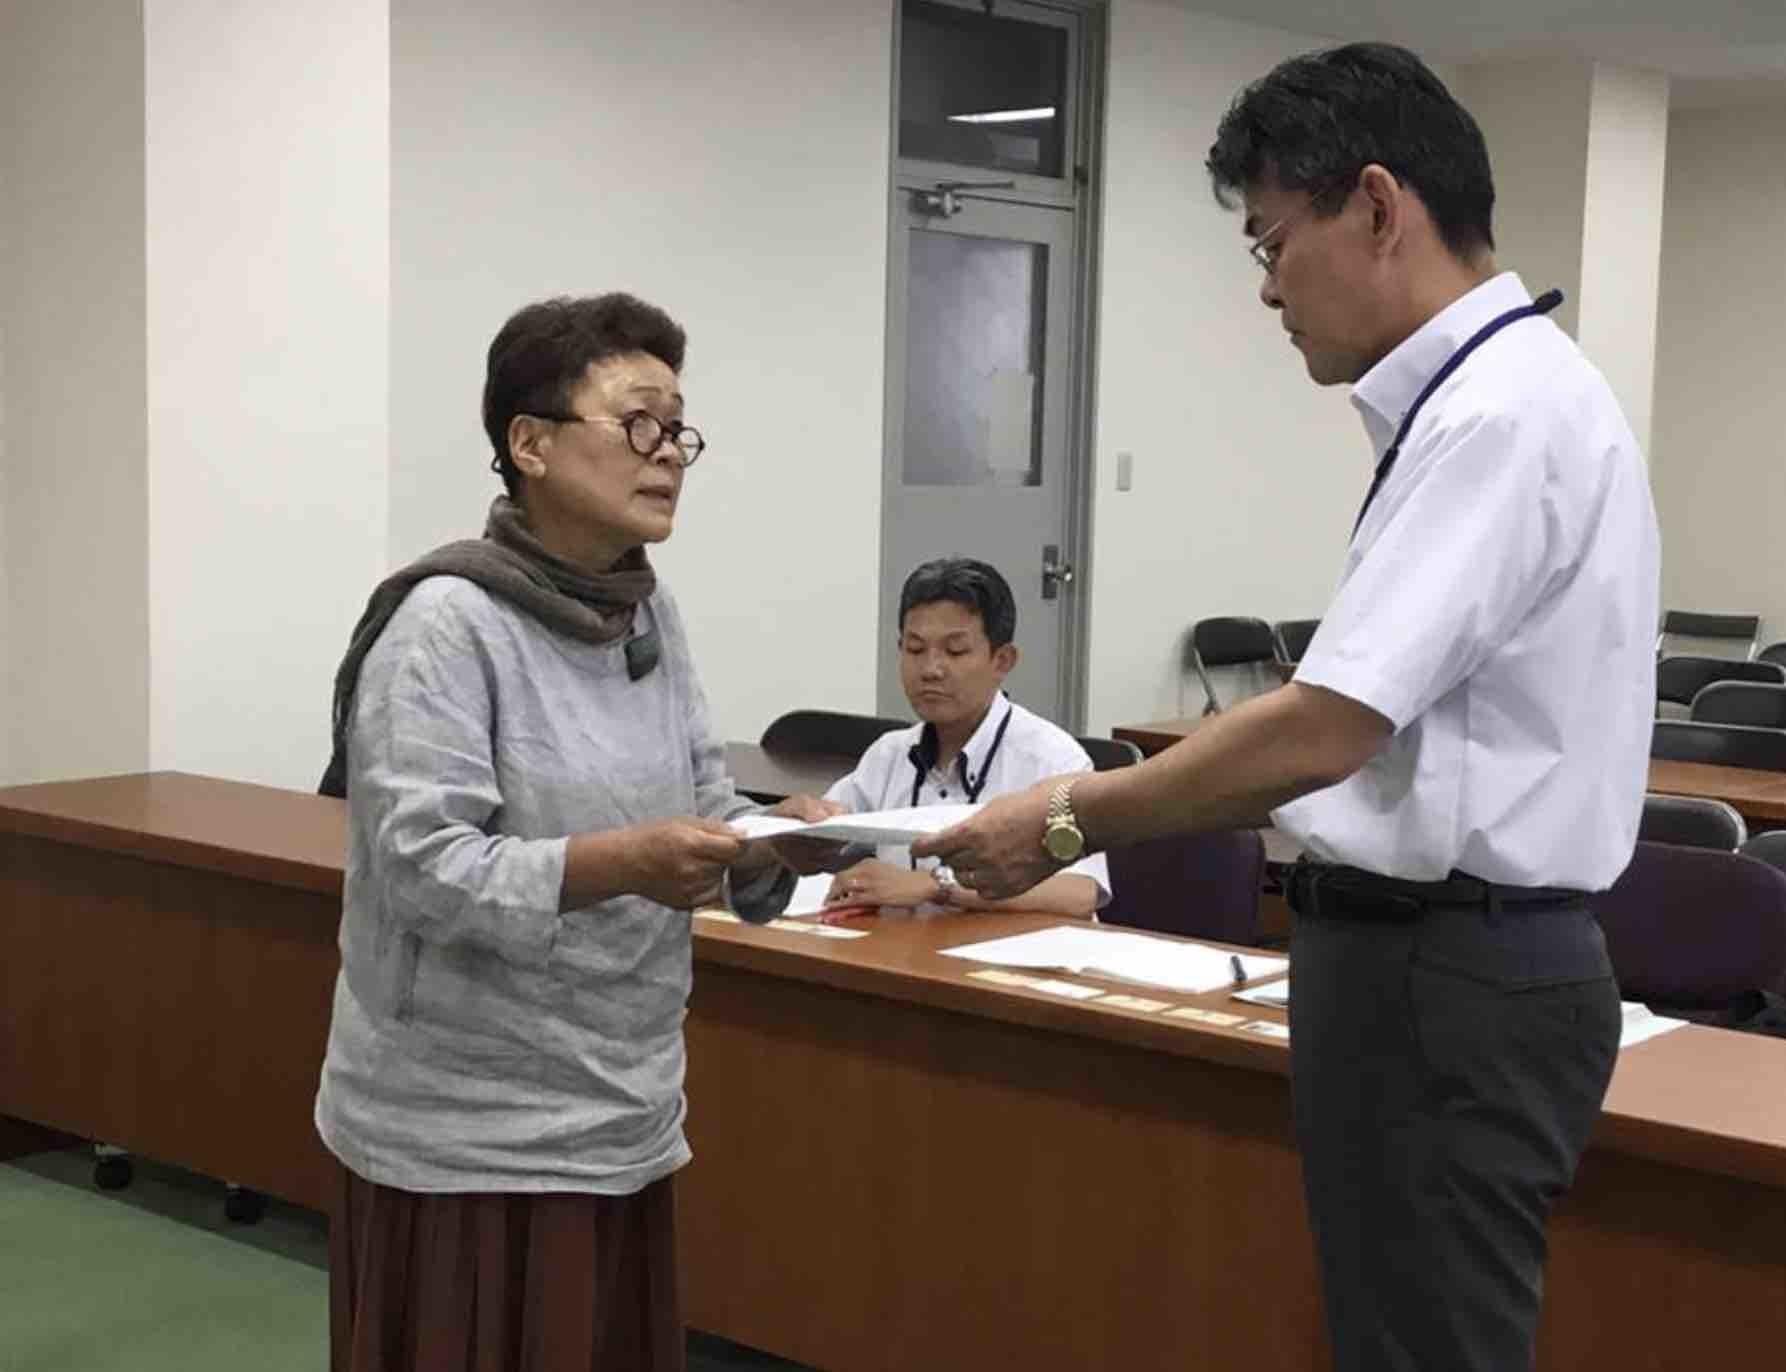 初期被曝、原発事故スクーリングで福島県に質問と要望_e0068696_22534055.jpg